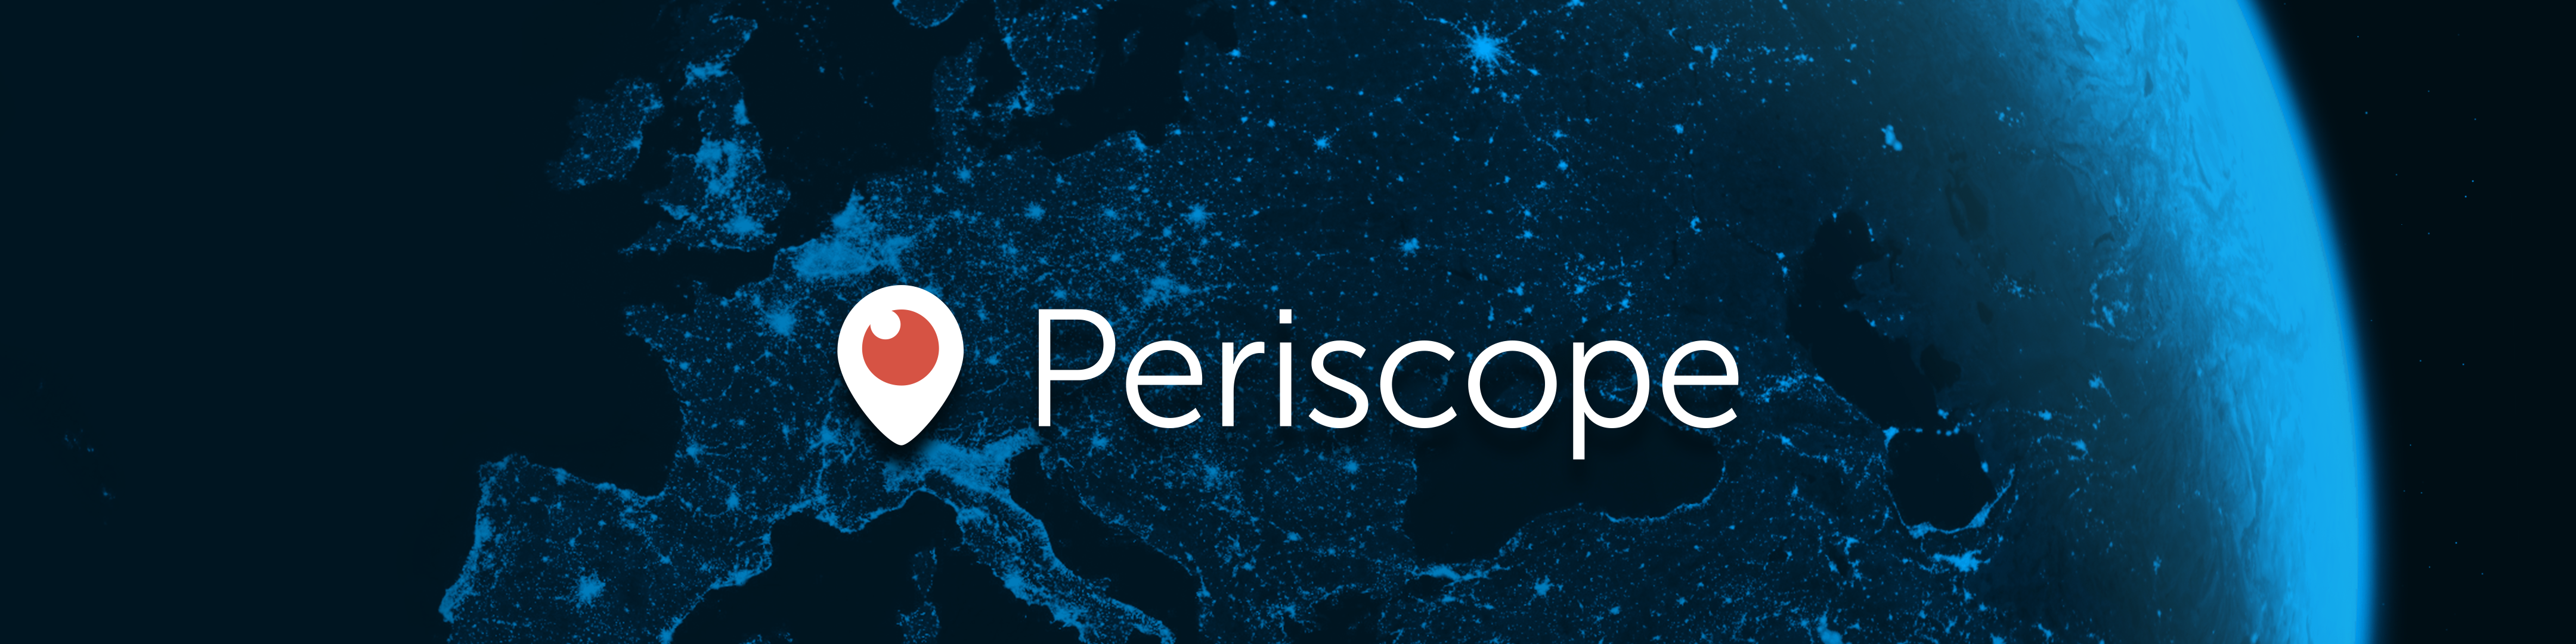 SCARICARE PERISCOPE 1.7.2